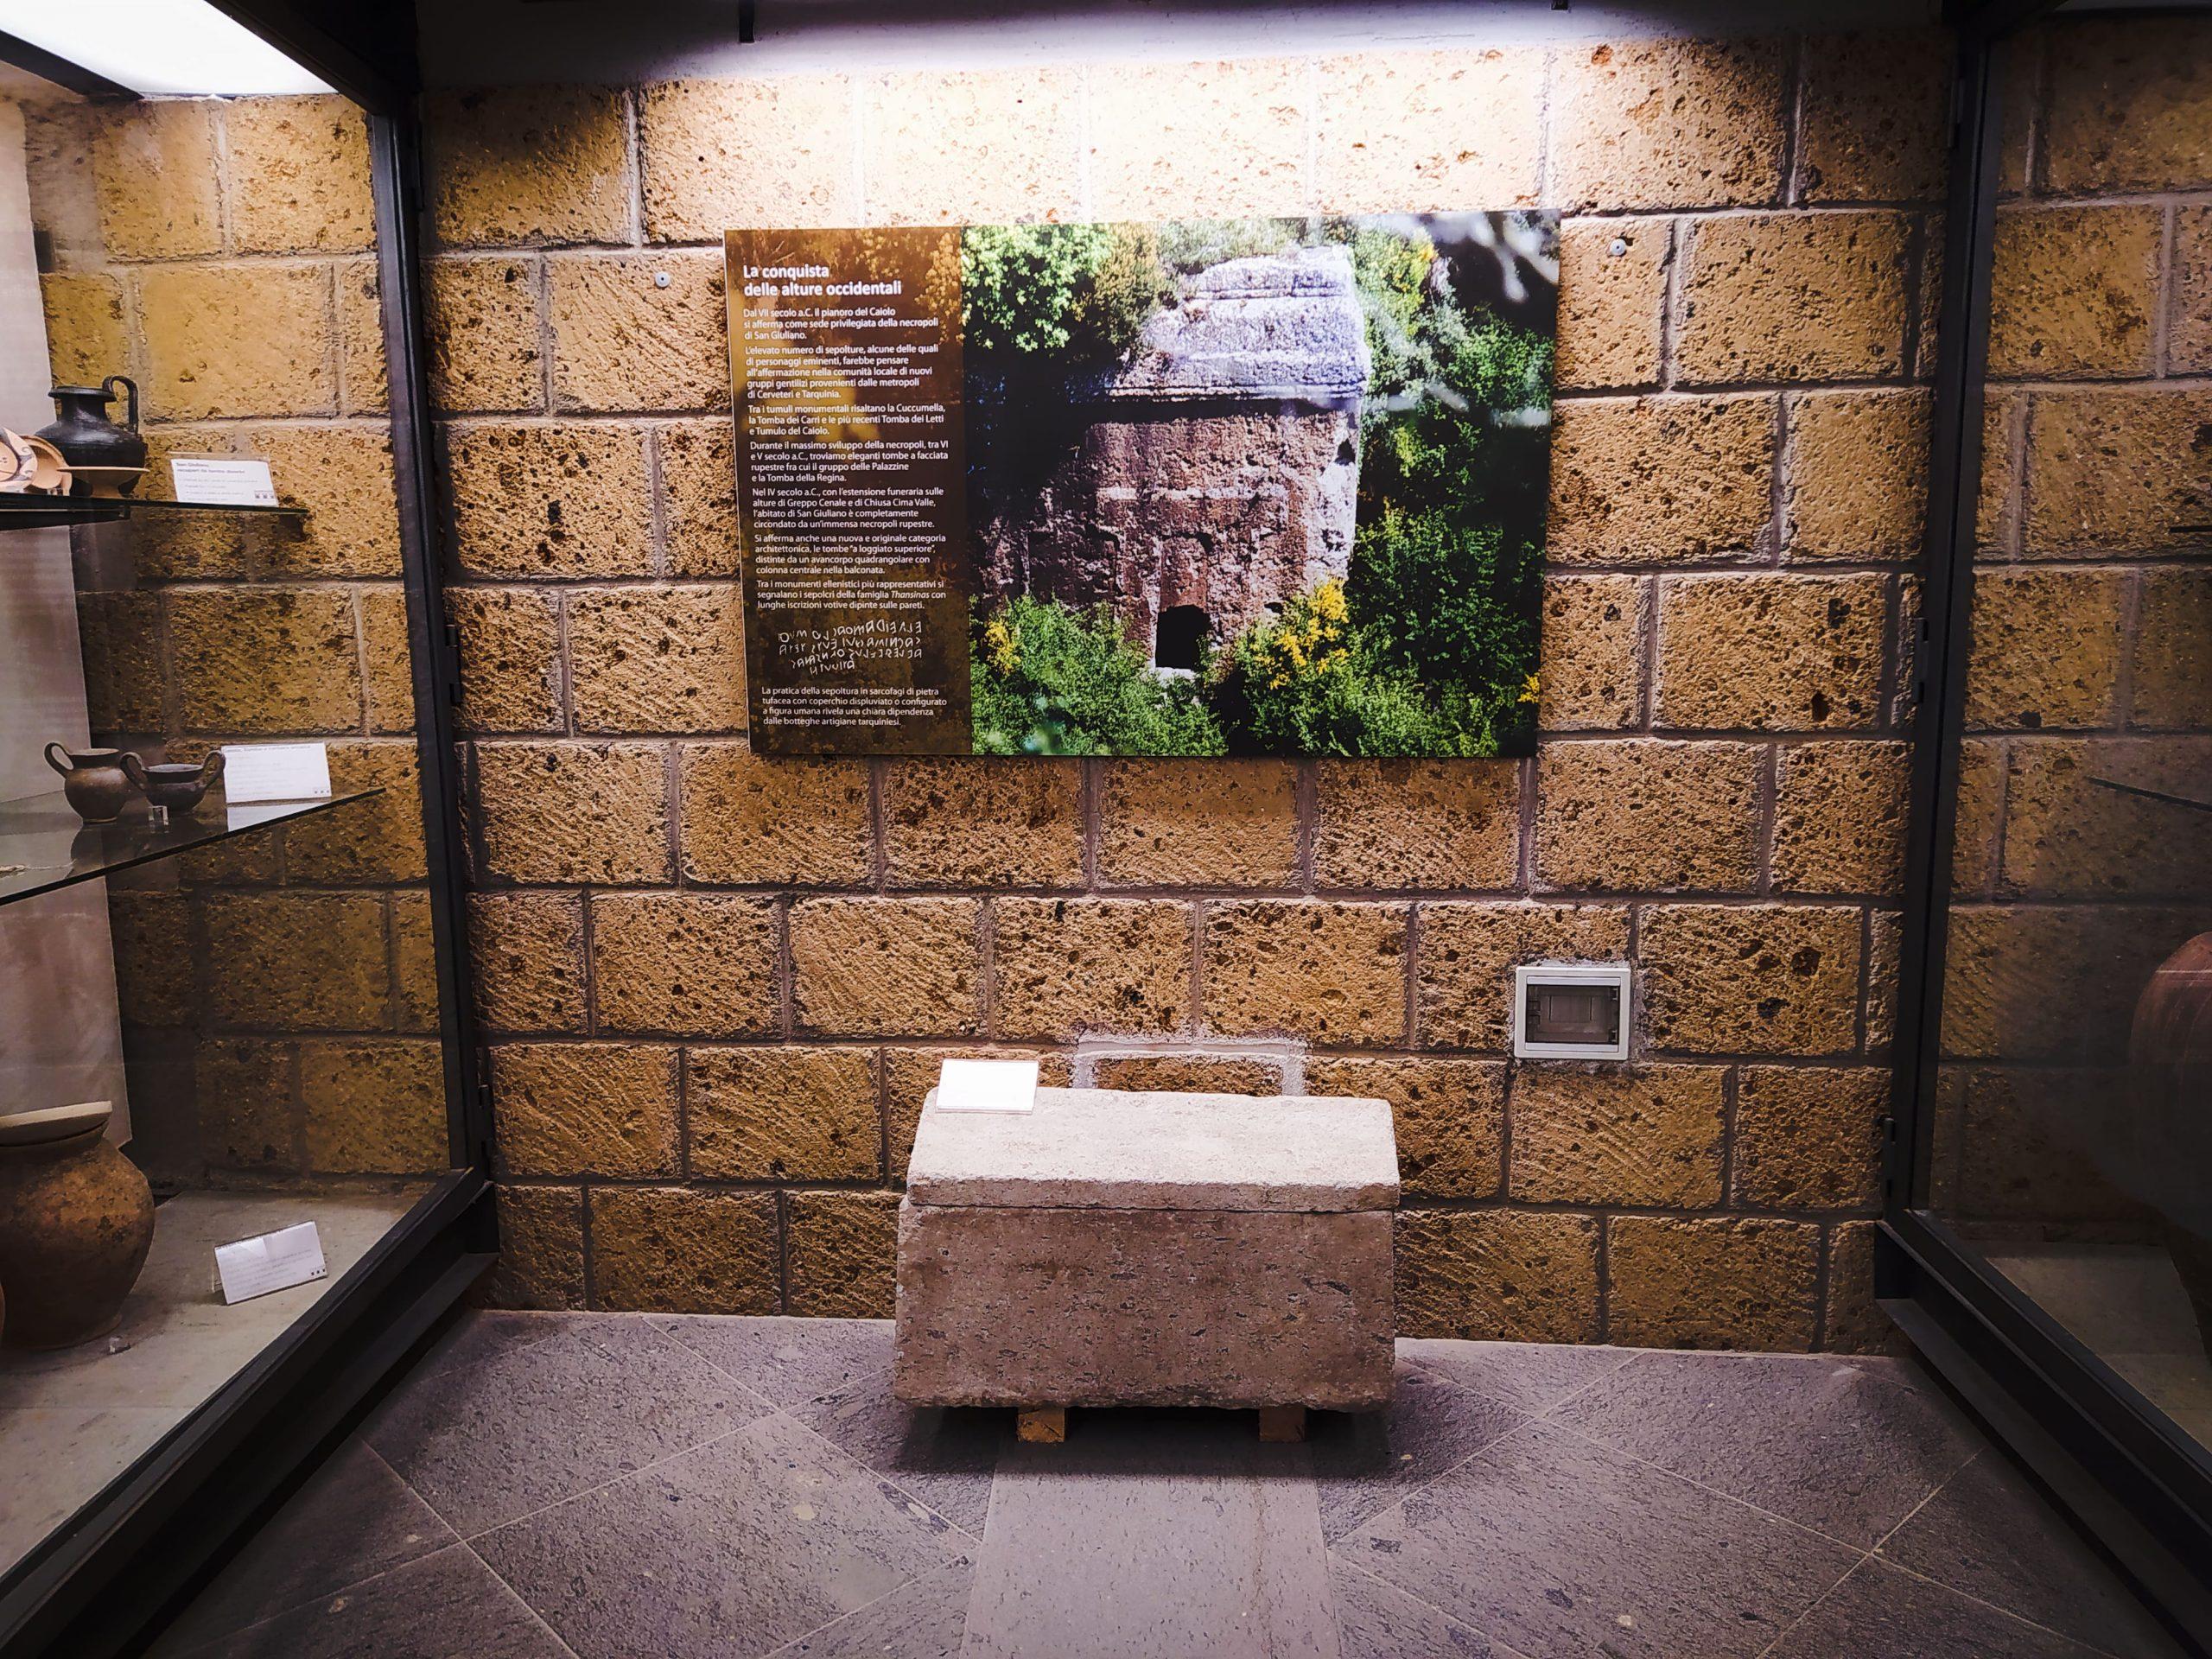 urna-cineraria-a-sarcofago-nel-Museo-delle-Necropoli-Rupestri-